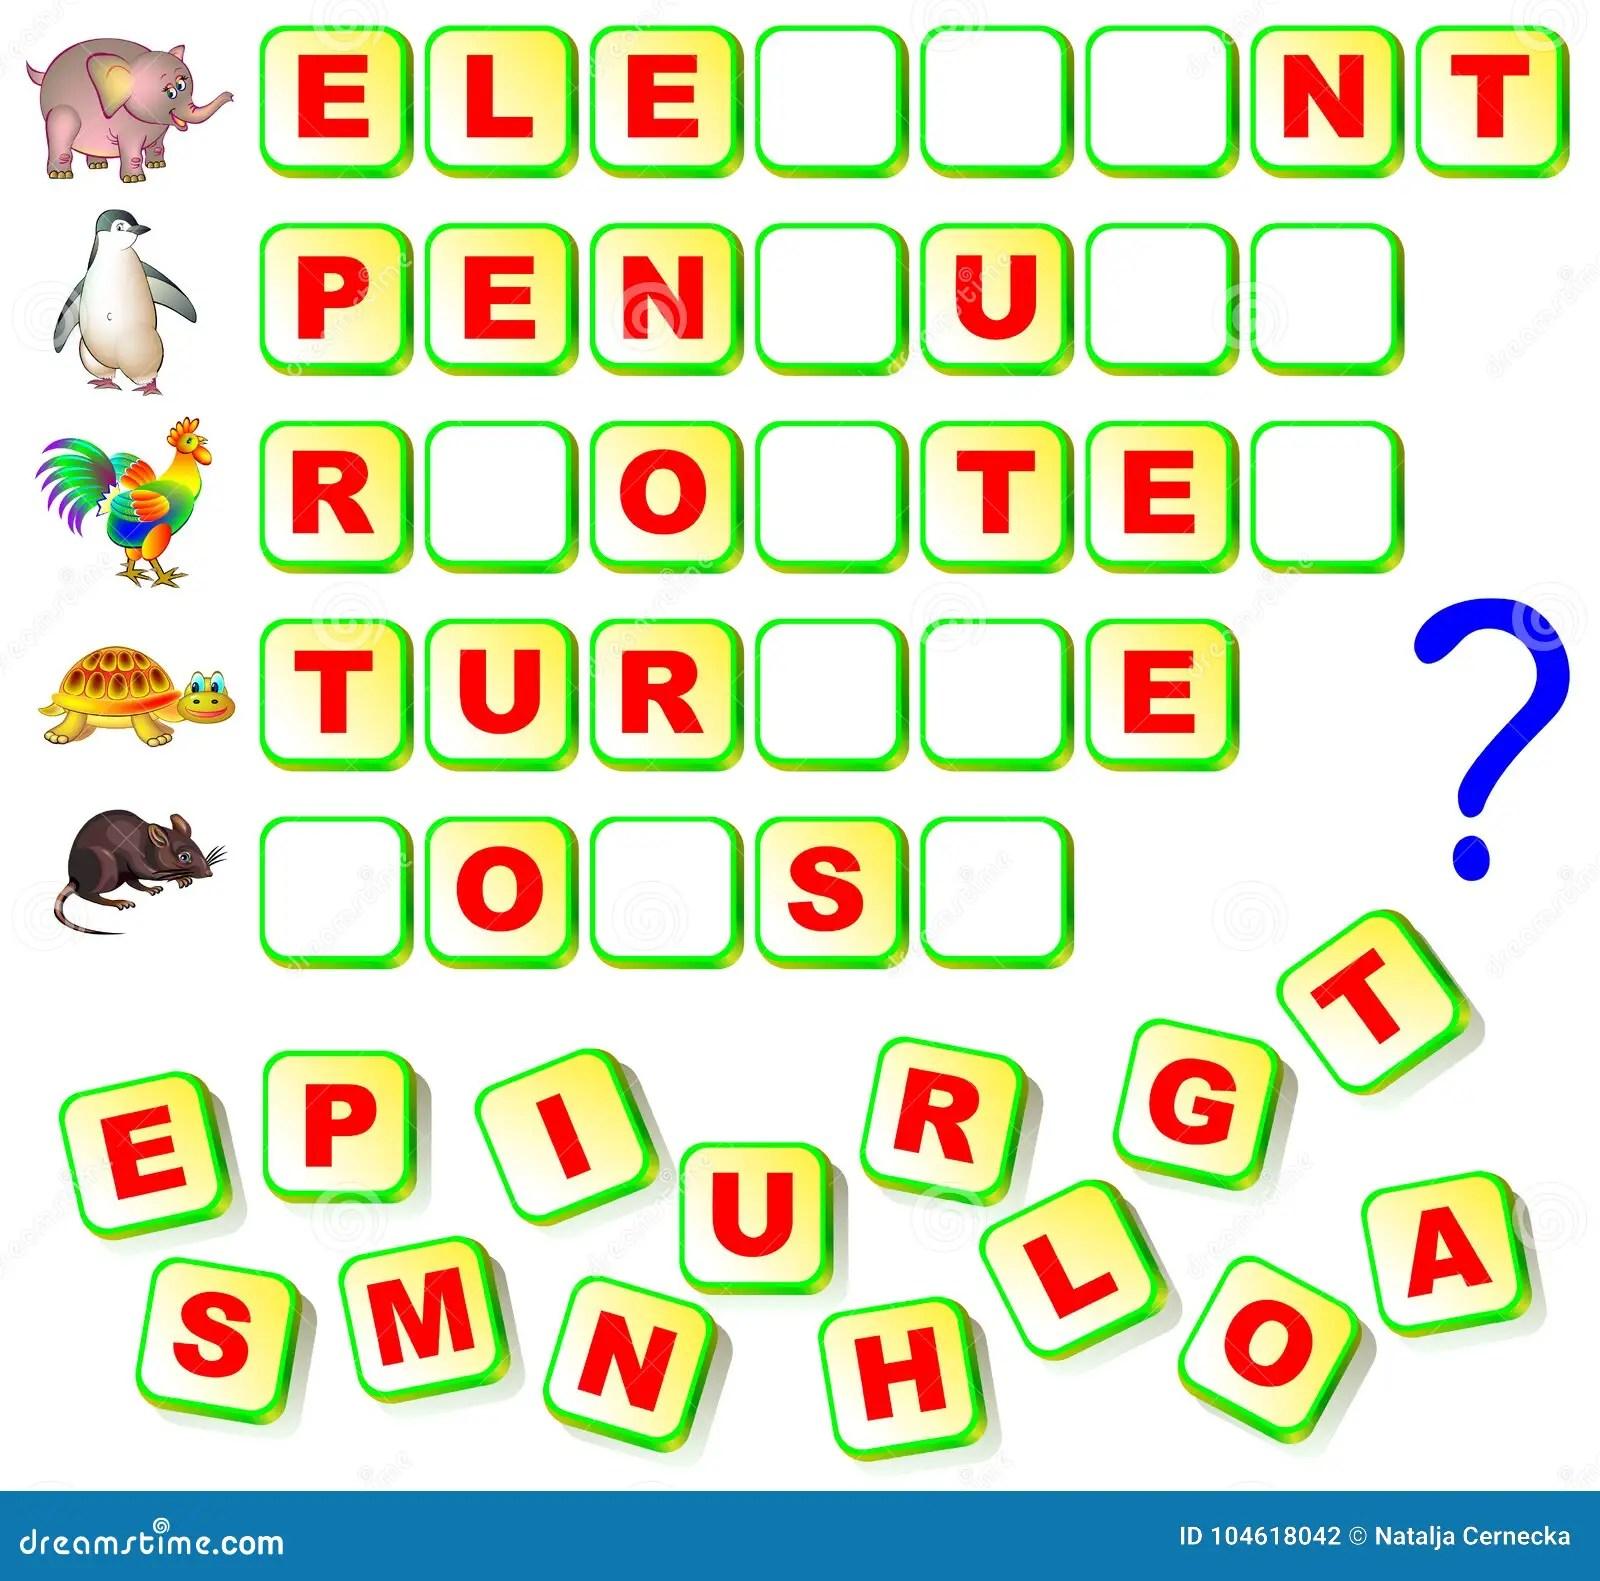 Alphabet Fill In The Missing Letter Worksheet